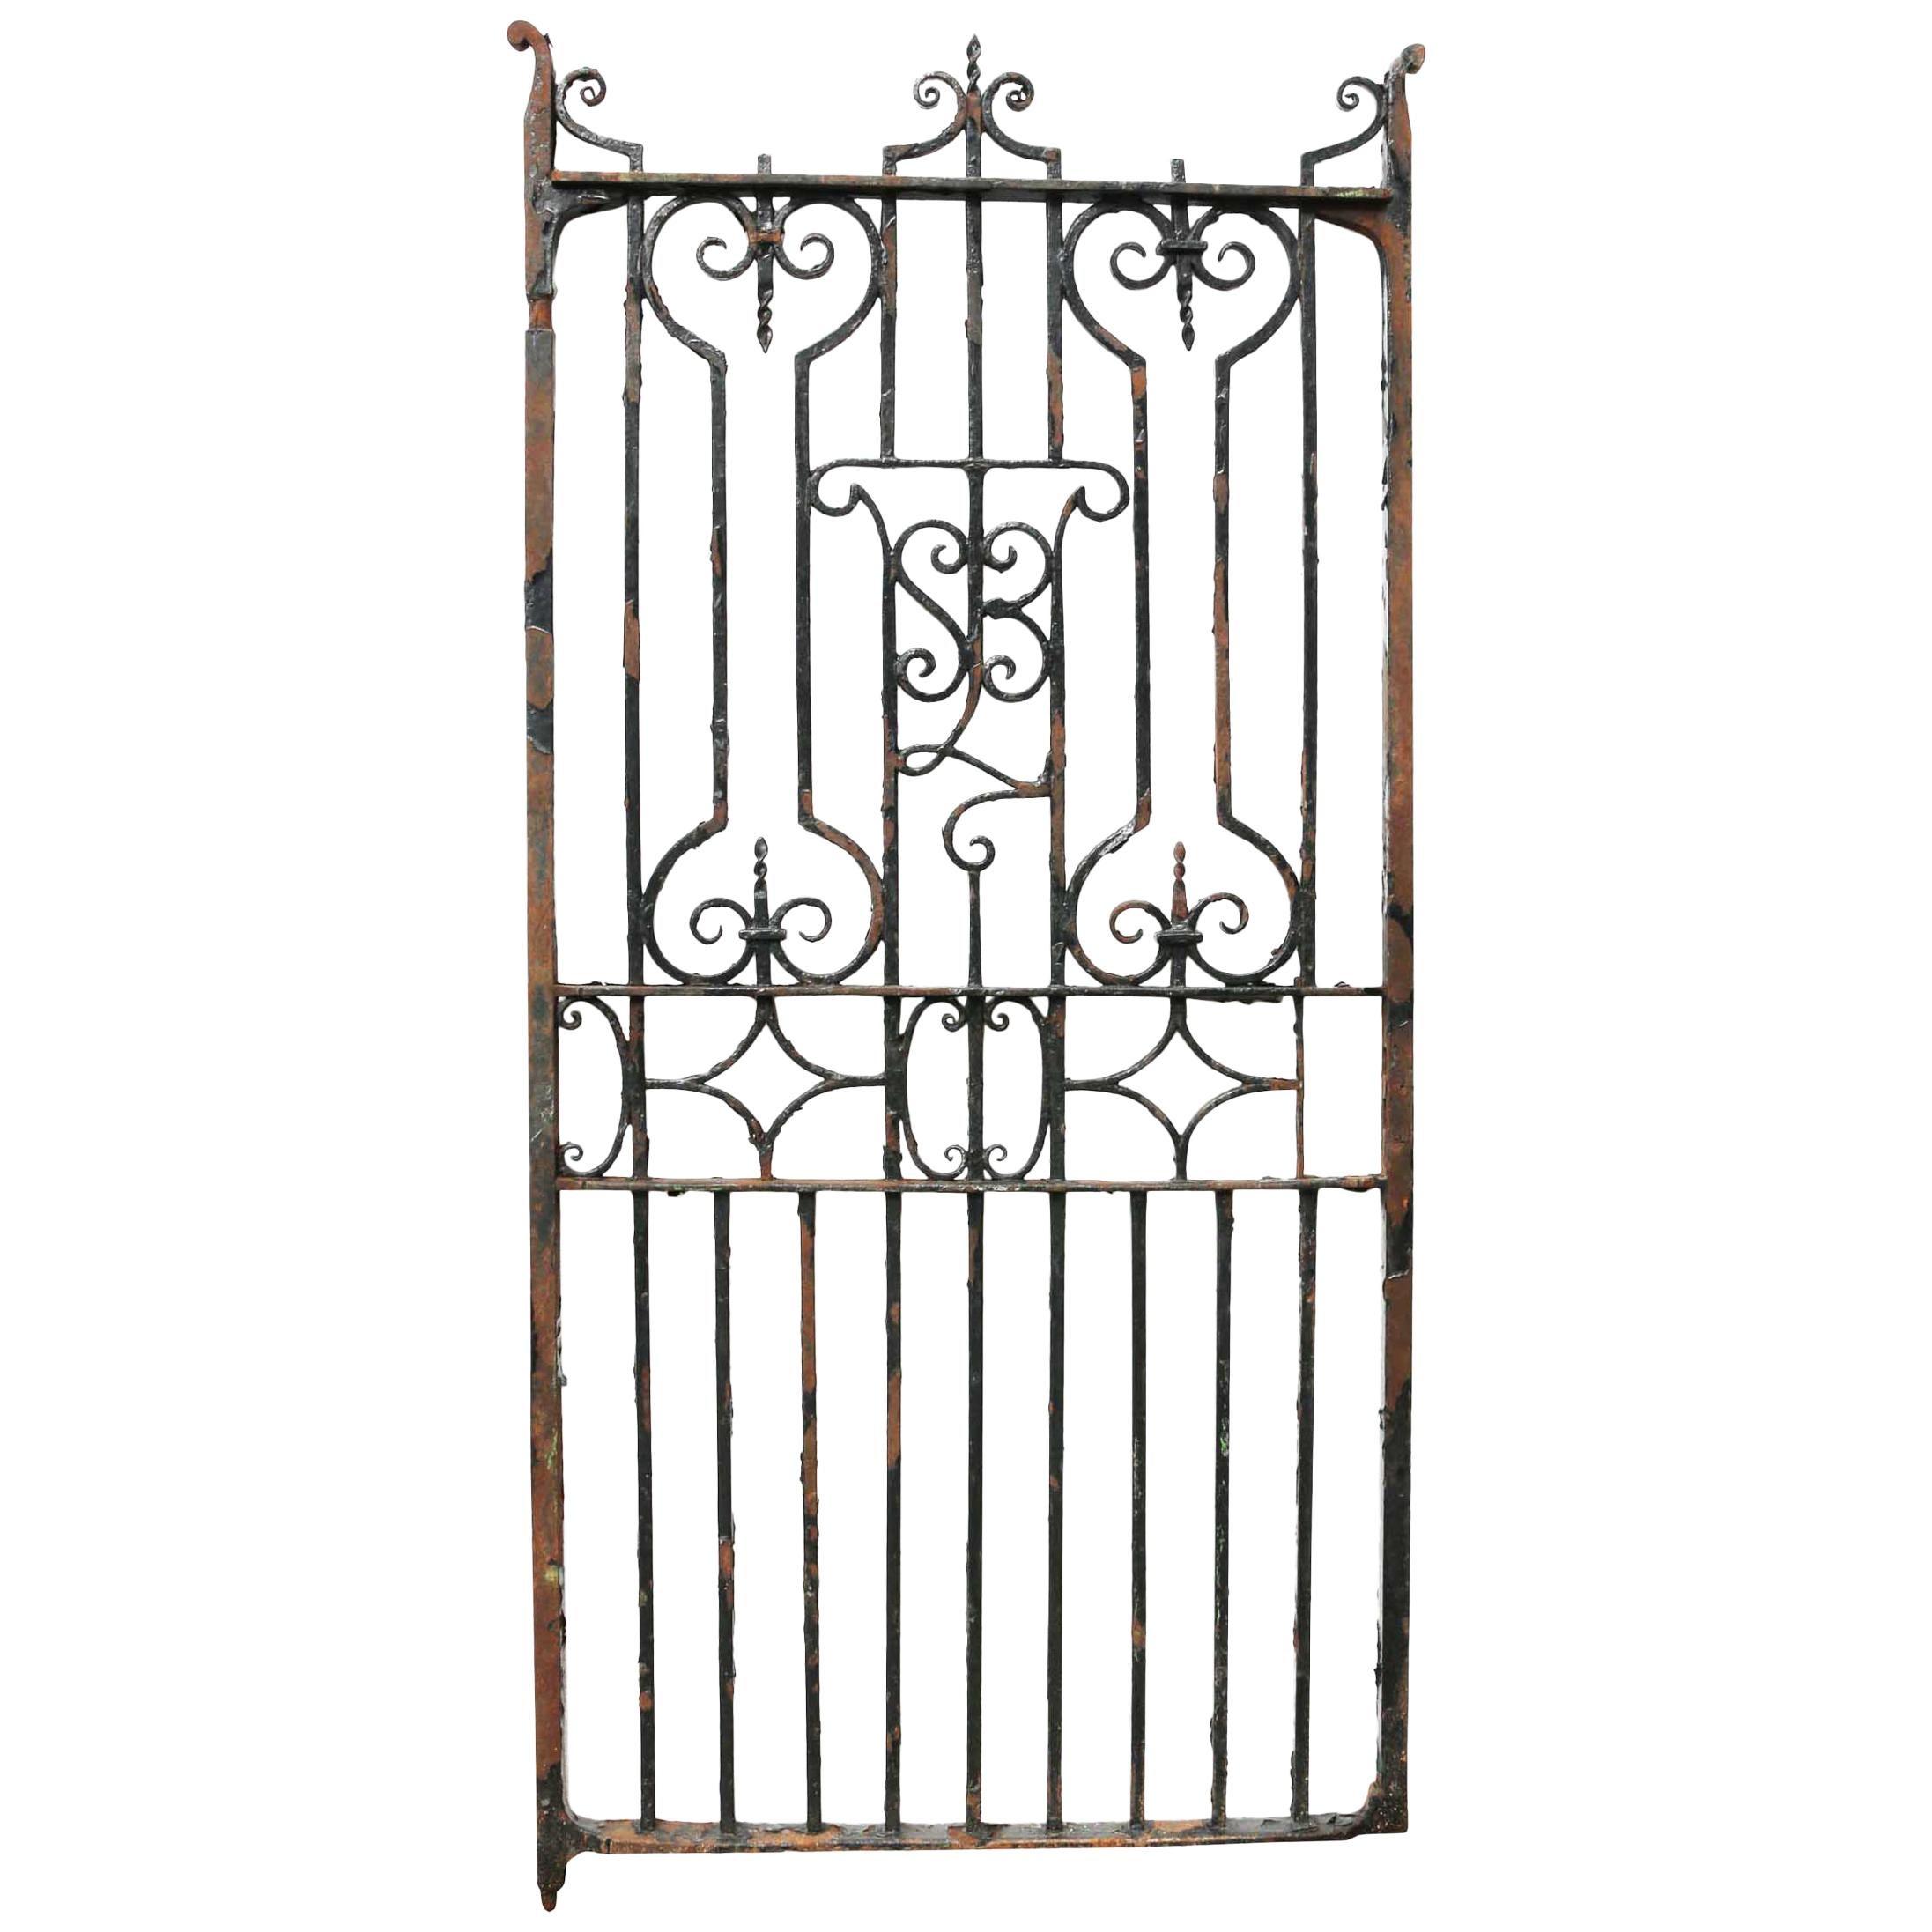 Antique English Wrought Iron Garden / Pedestrian Gate